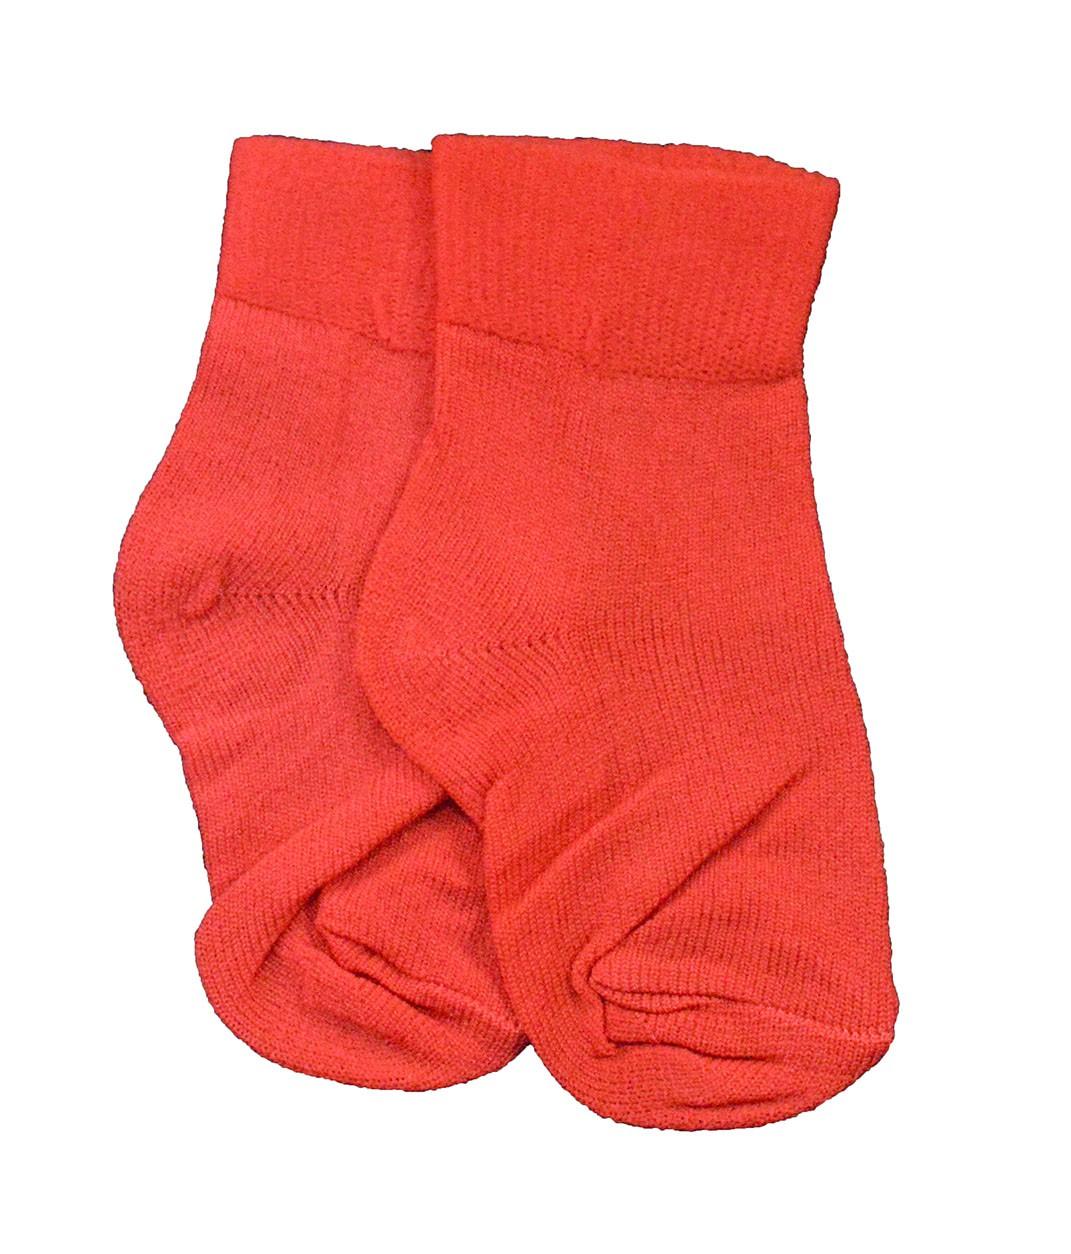 Meia Vermelha Lisa 0 a 3 meses Bambinos